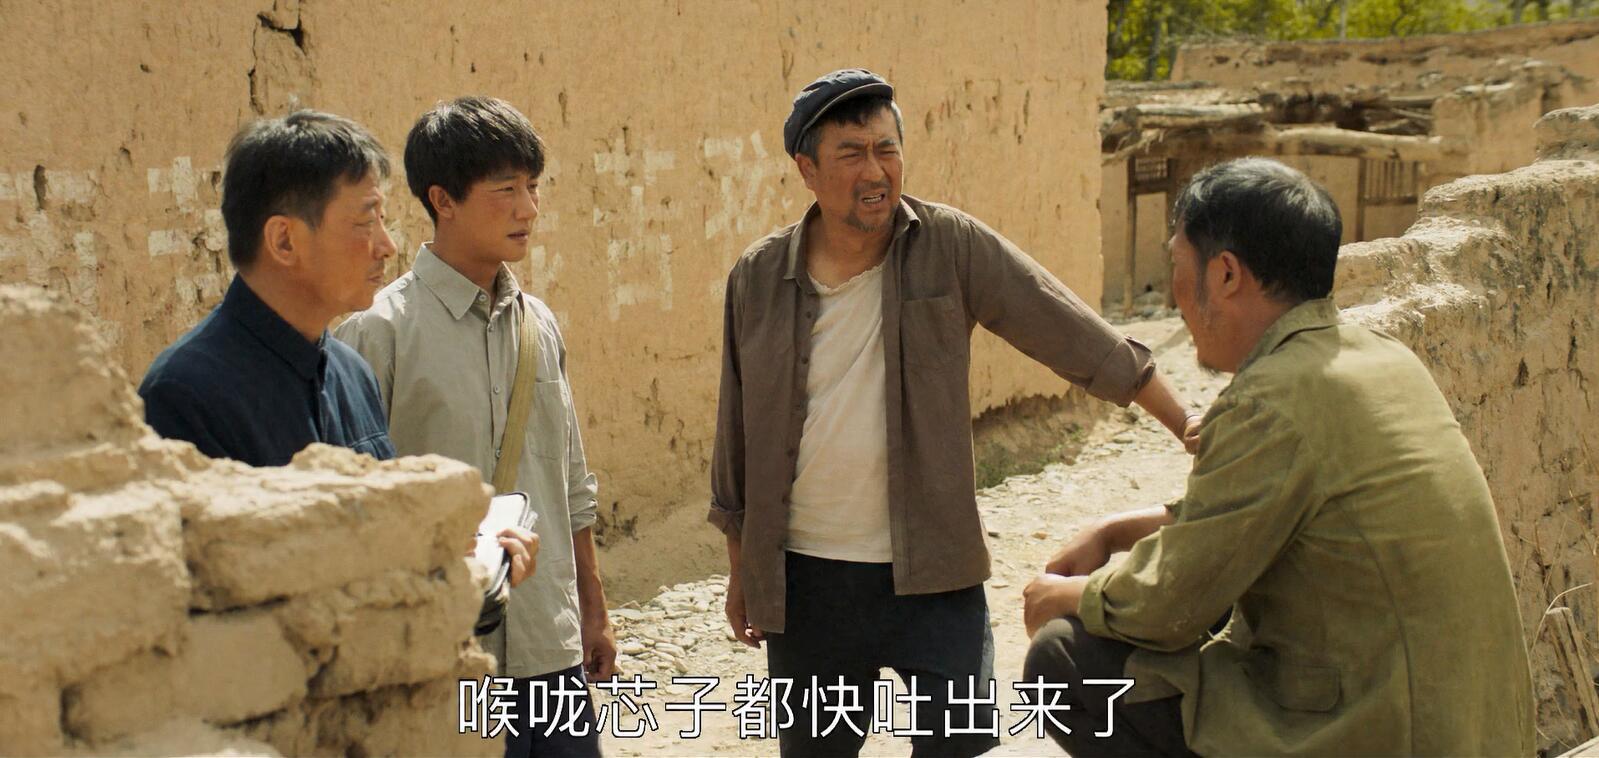 影视剧 - 山海情原声版 无水印